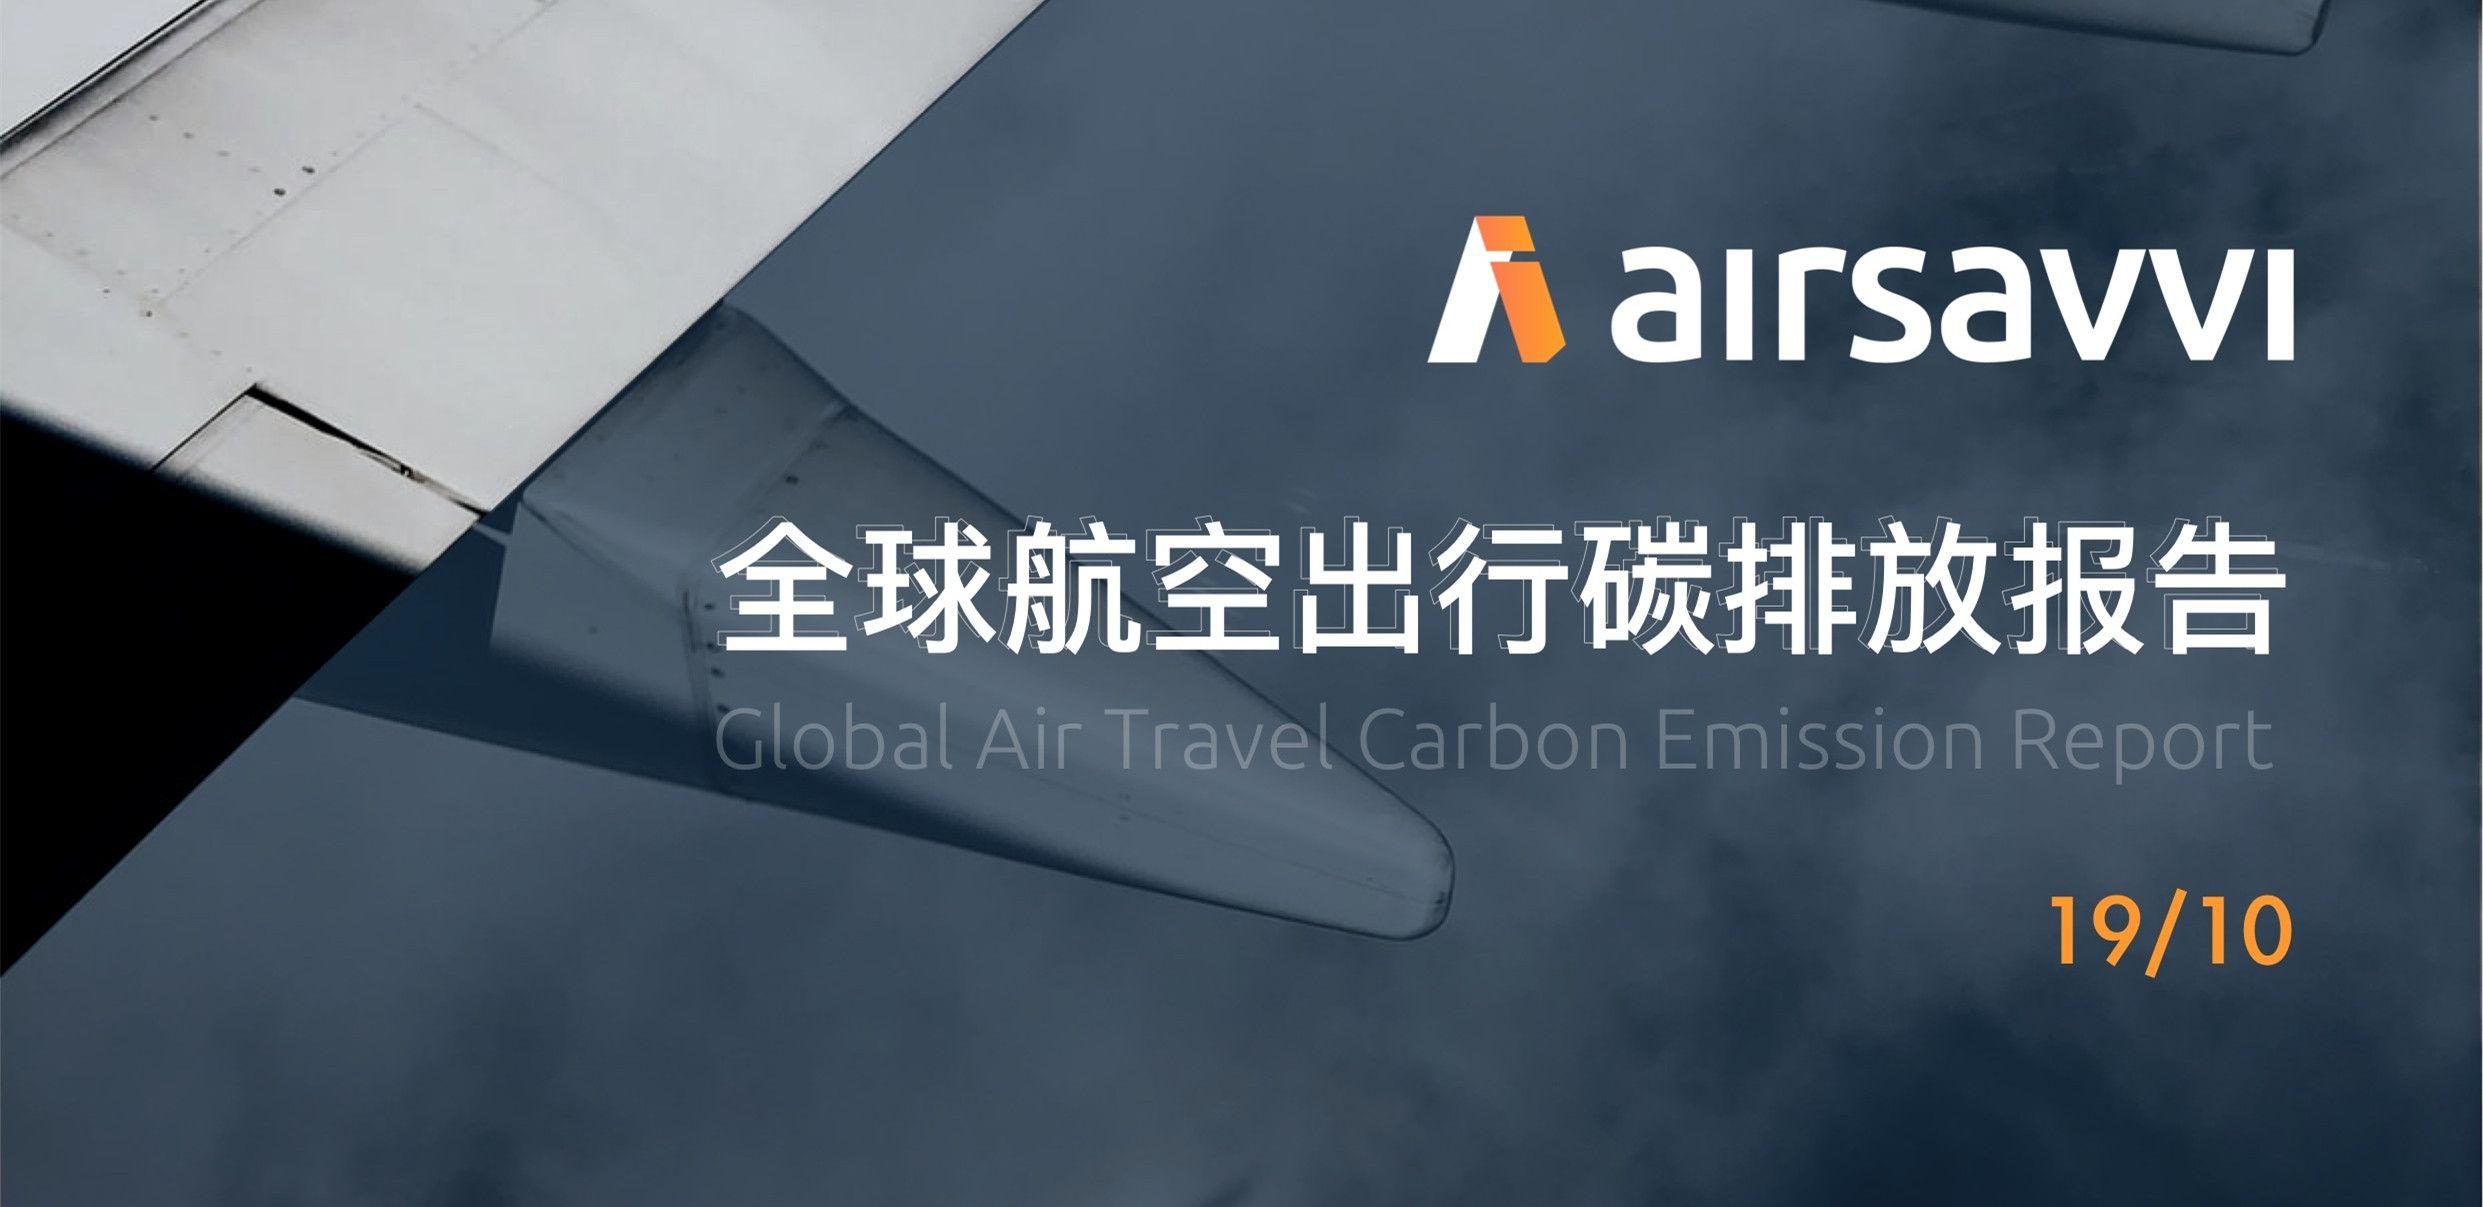 全球航空出行碳排放分析报告:低成本航司可能更环保